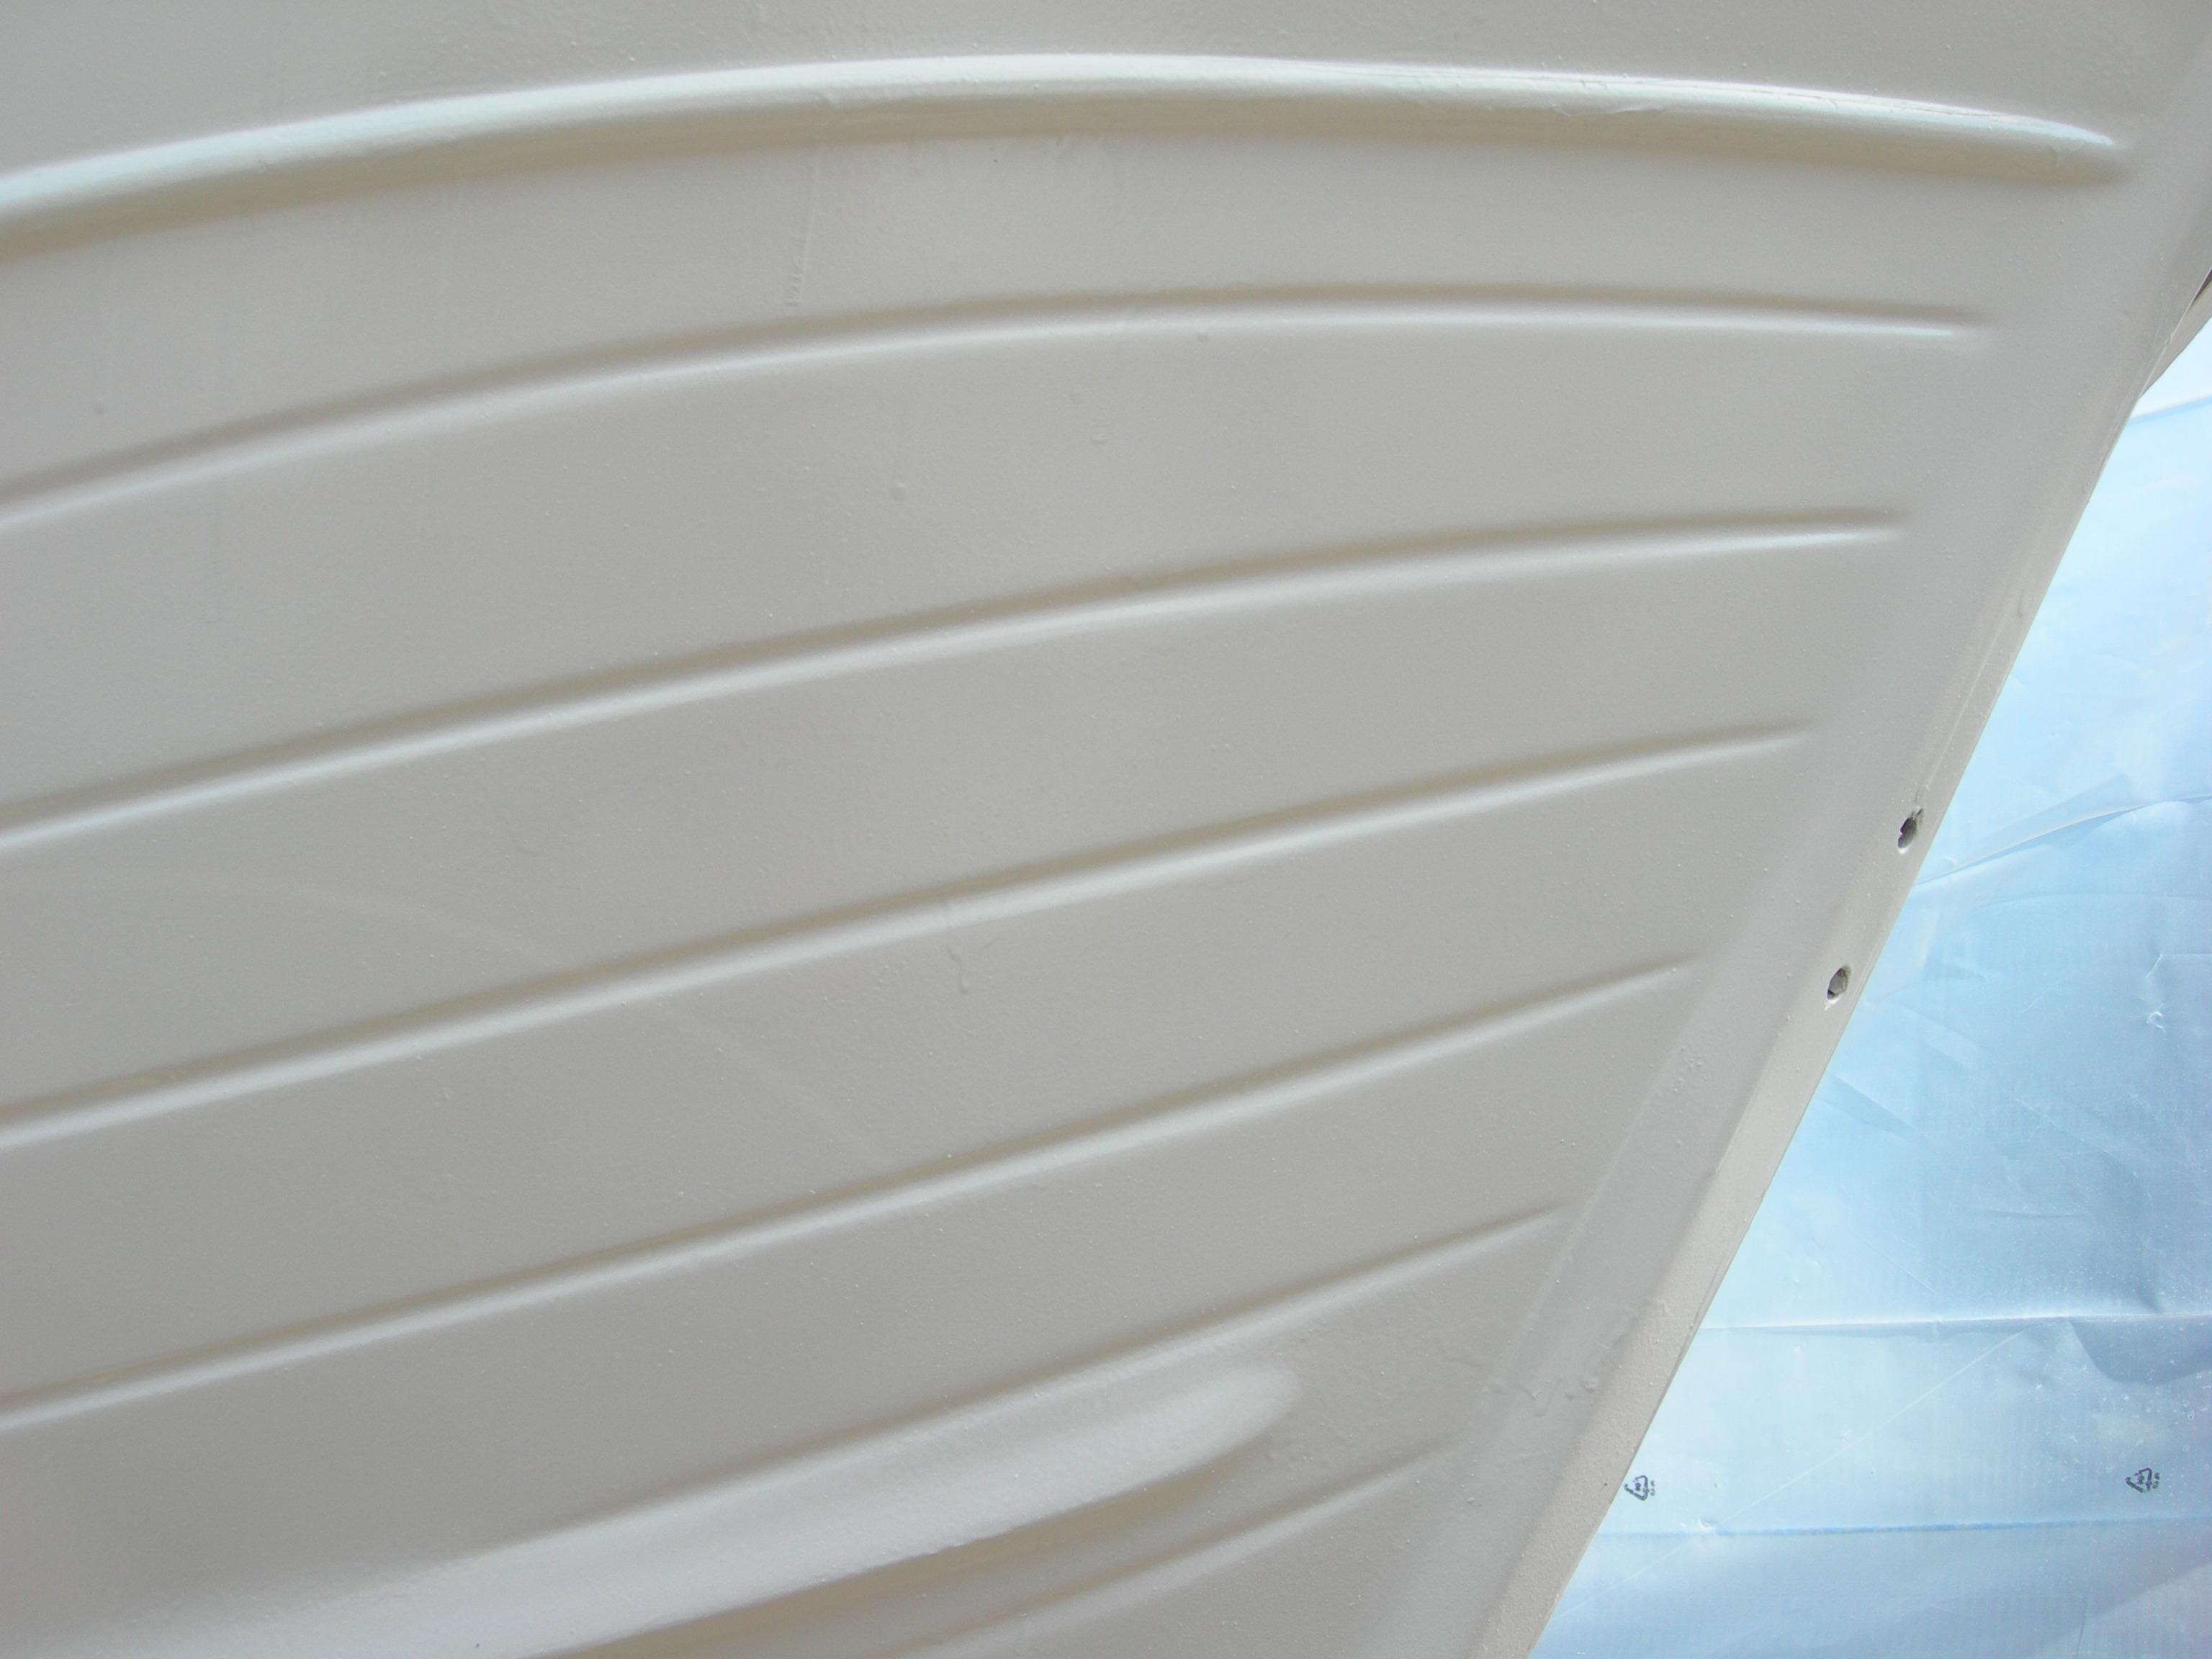 Colori Vernici Legno : Vernice per legno tutte le offerte cascare a fagiolo